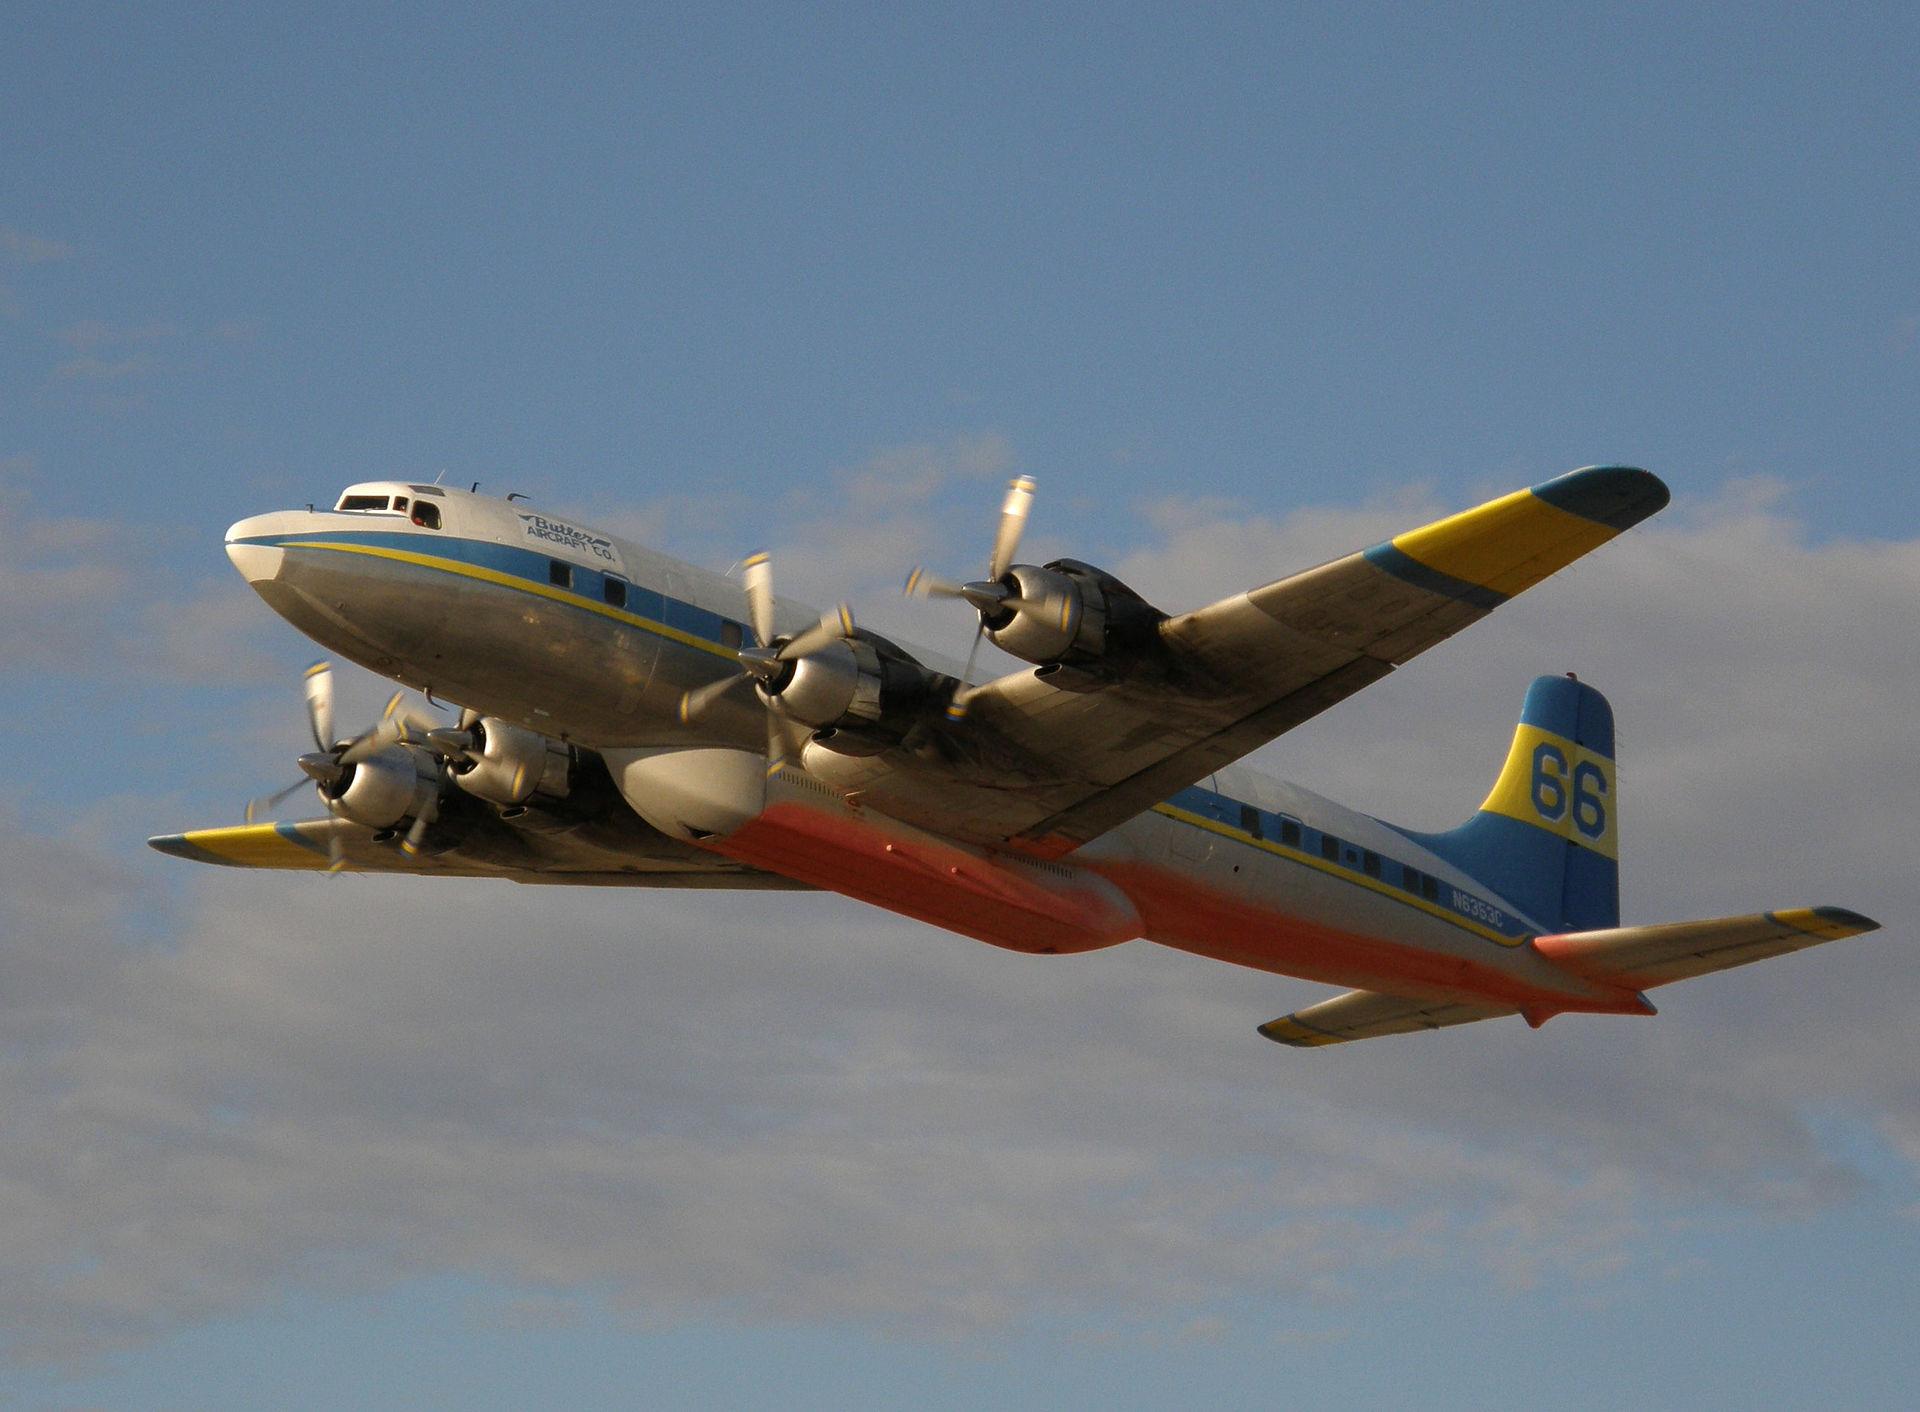 DC-7 aircraft